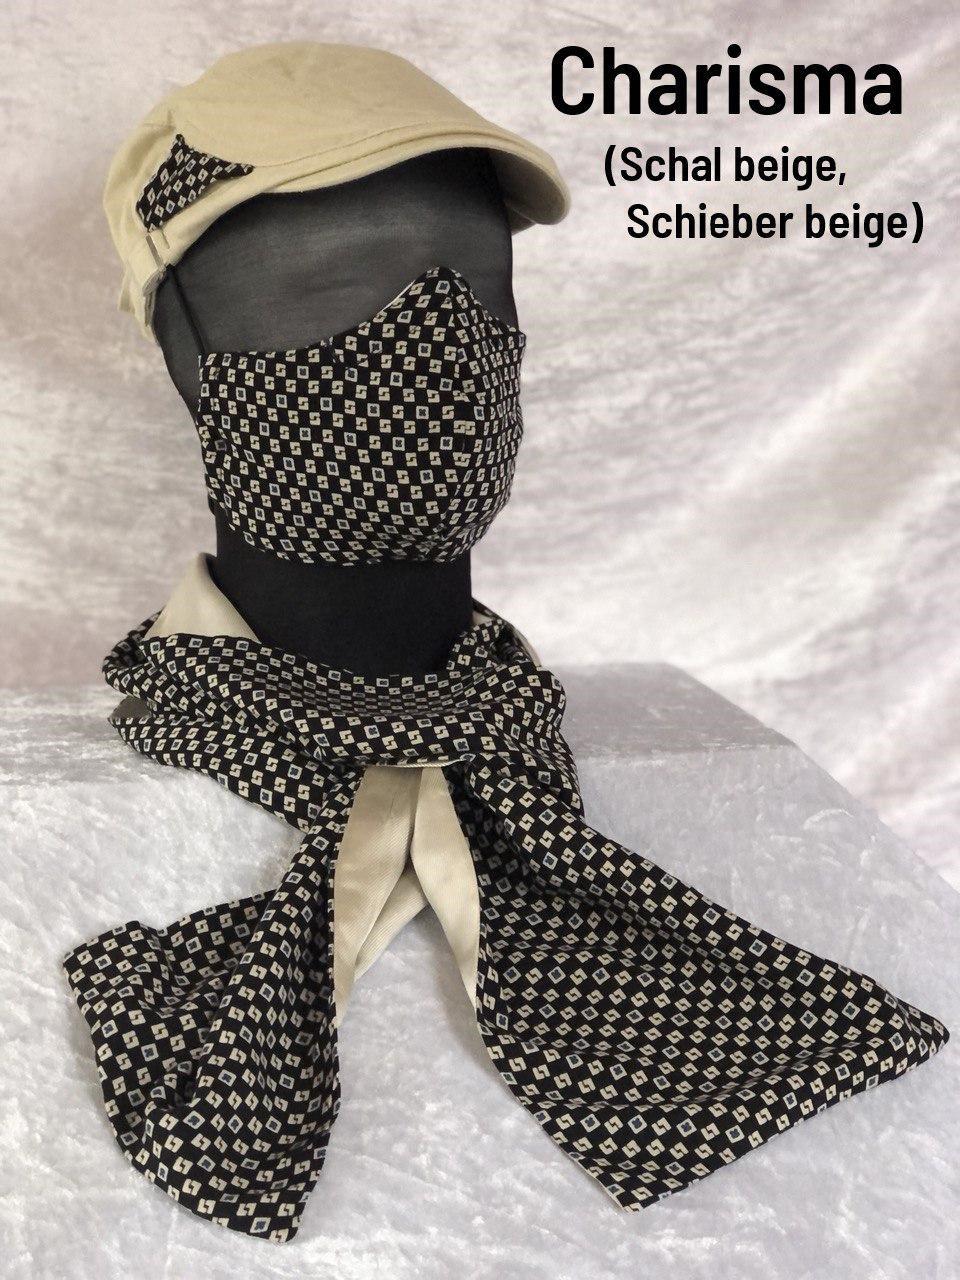 B2 - Maske + Schal beige + Schieber